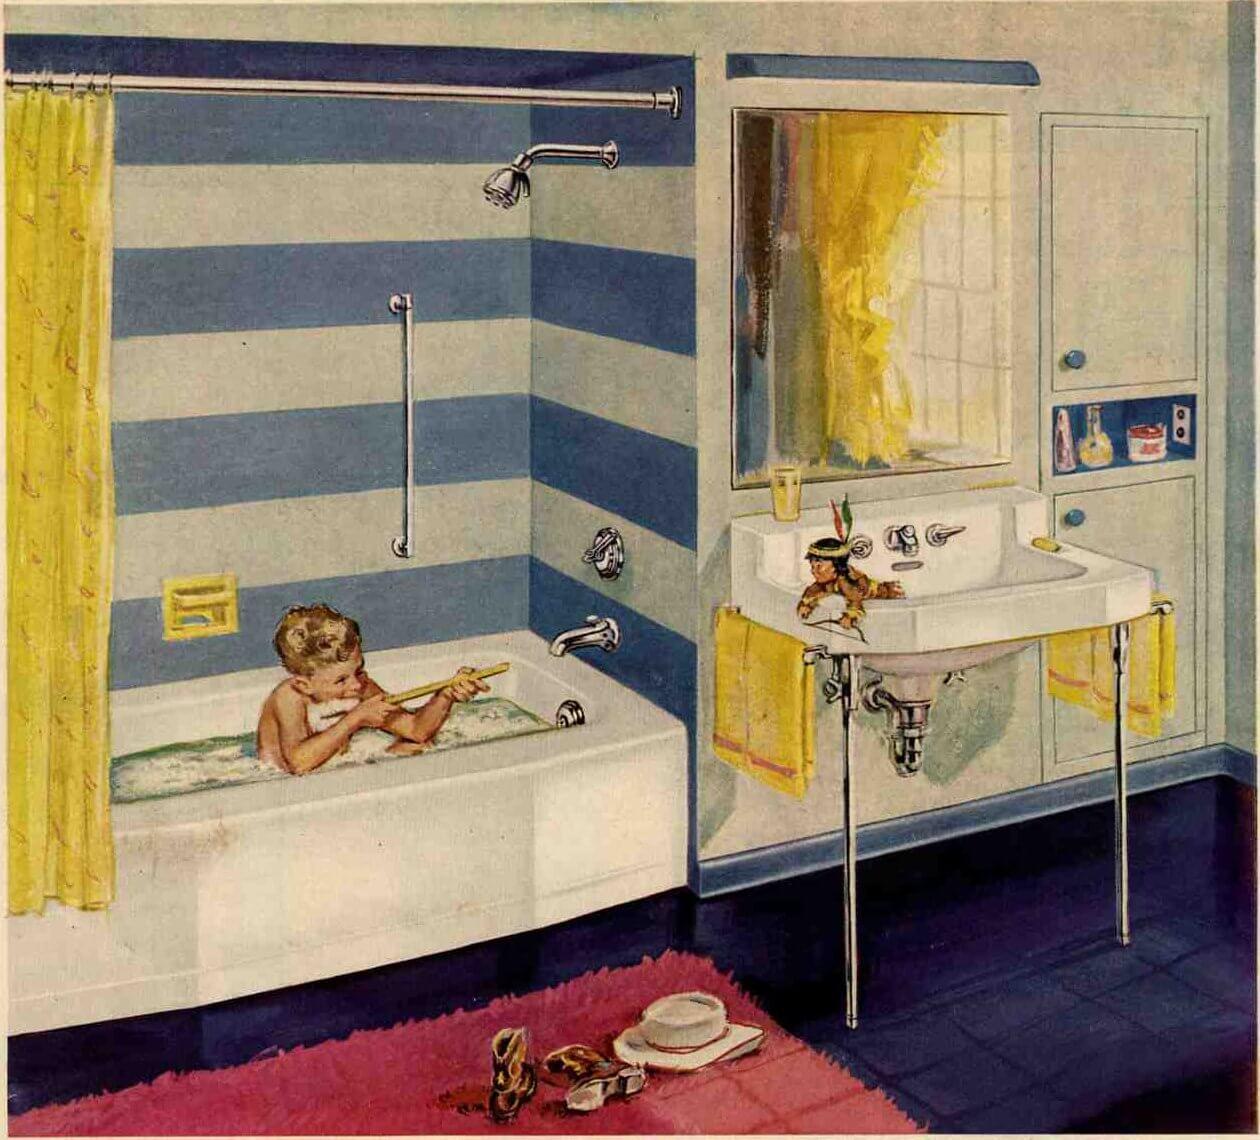 1953-kohler-bathroom-cropped.jpg